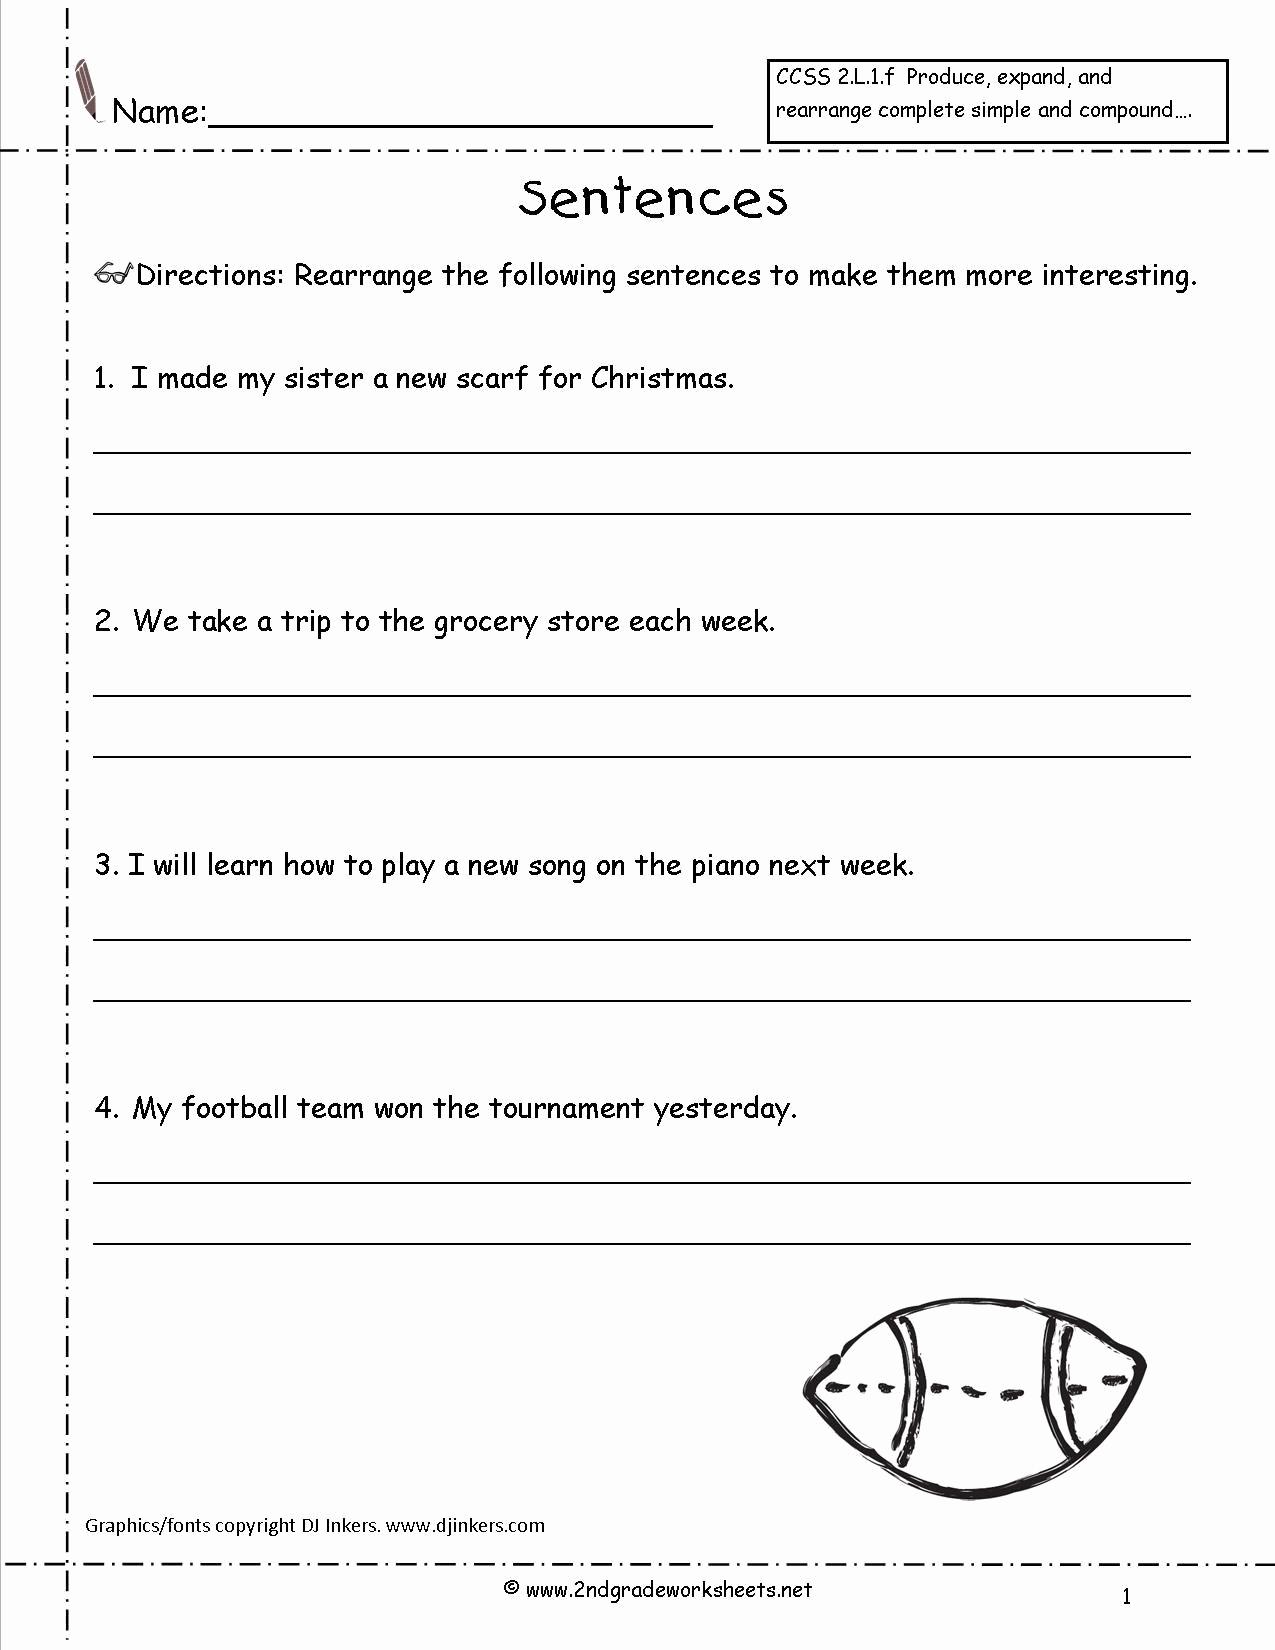 Context Clues Worksheets Second Grade Unique 20 Context Clues Worksheets Second Grade